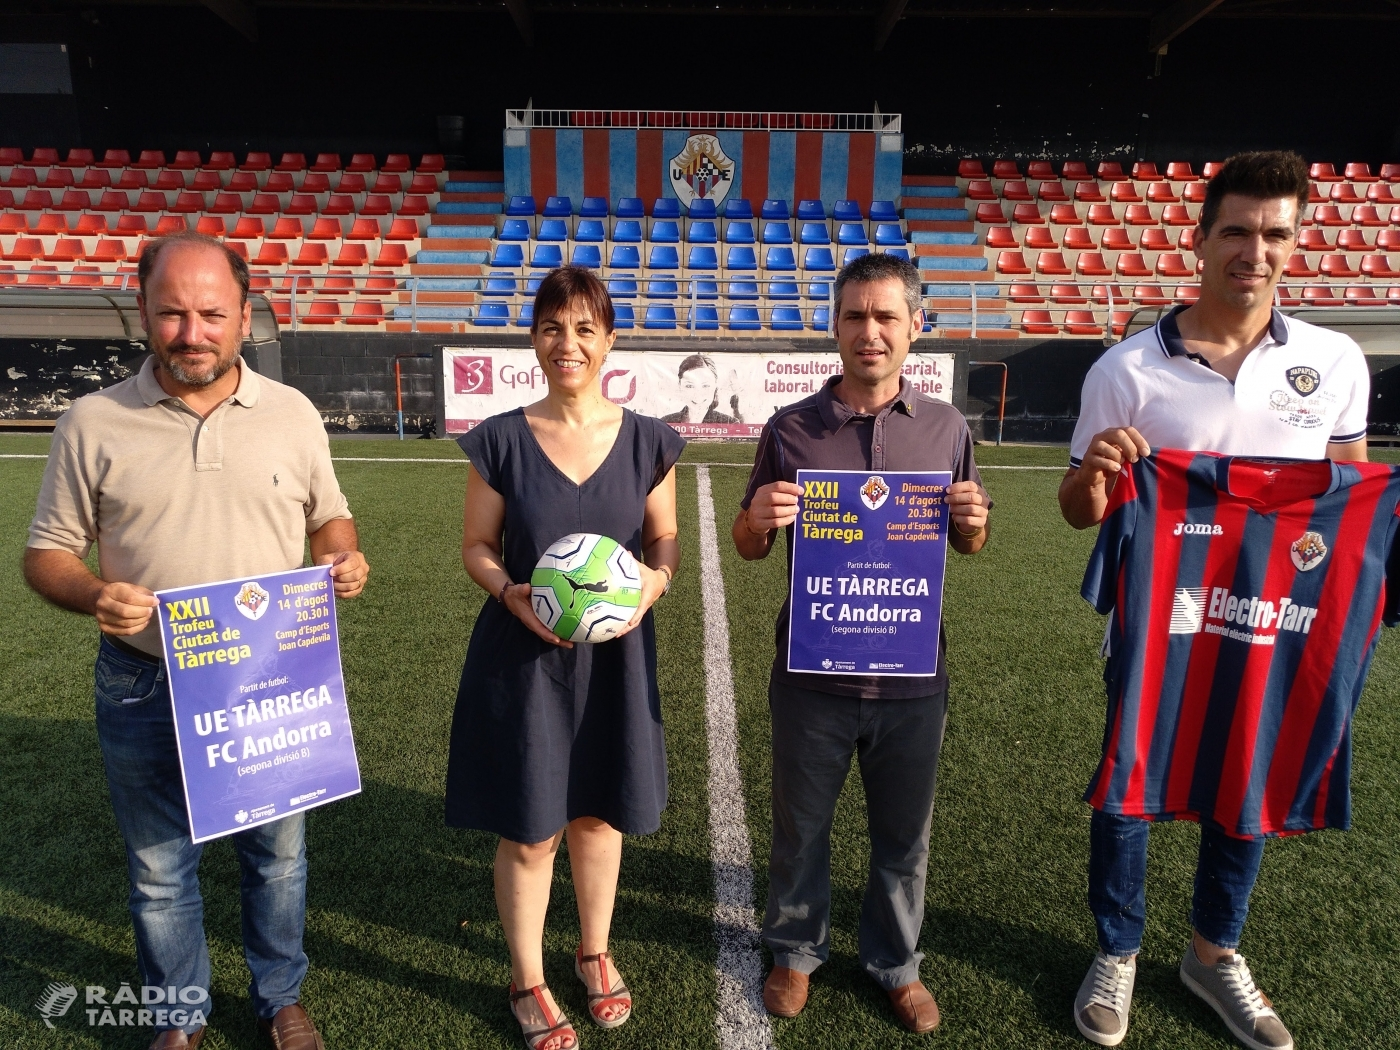 El CF Andorra, convidat de luxe al 22è Trofeu Ciutat de Tàrrega el dimecres 14 d'agost